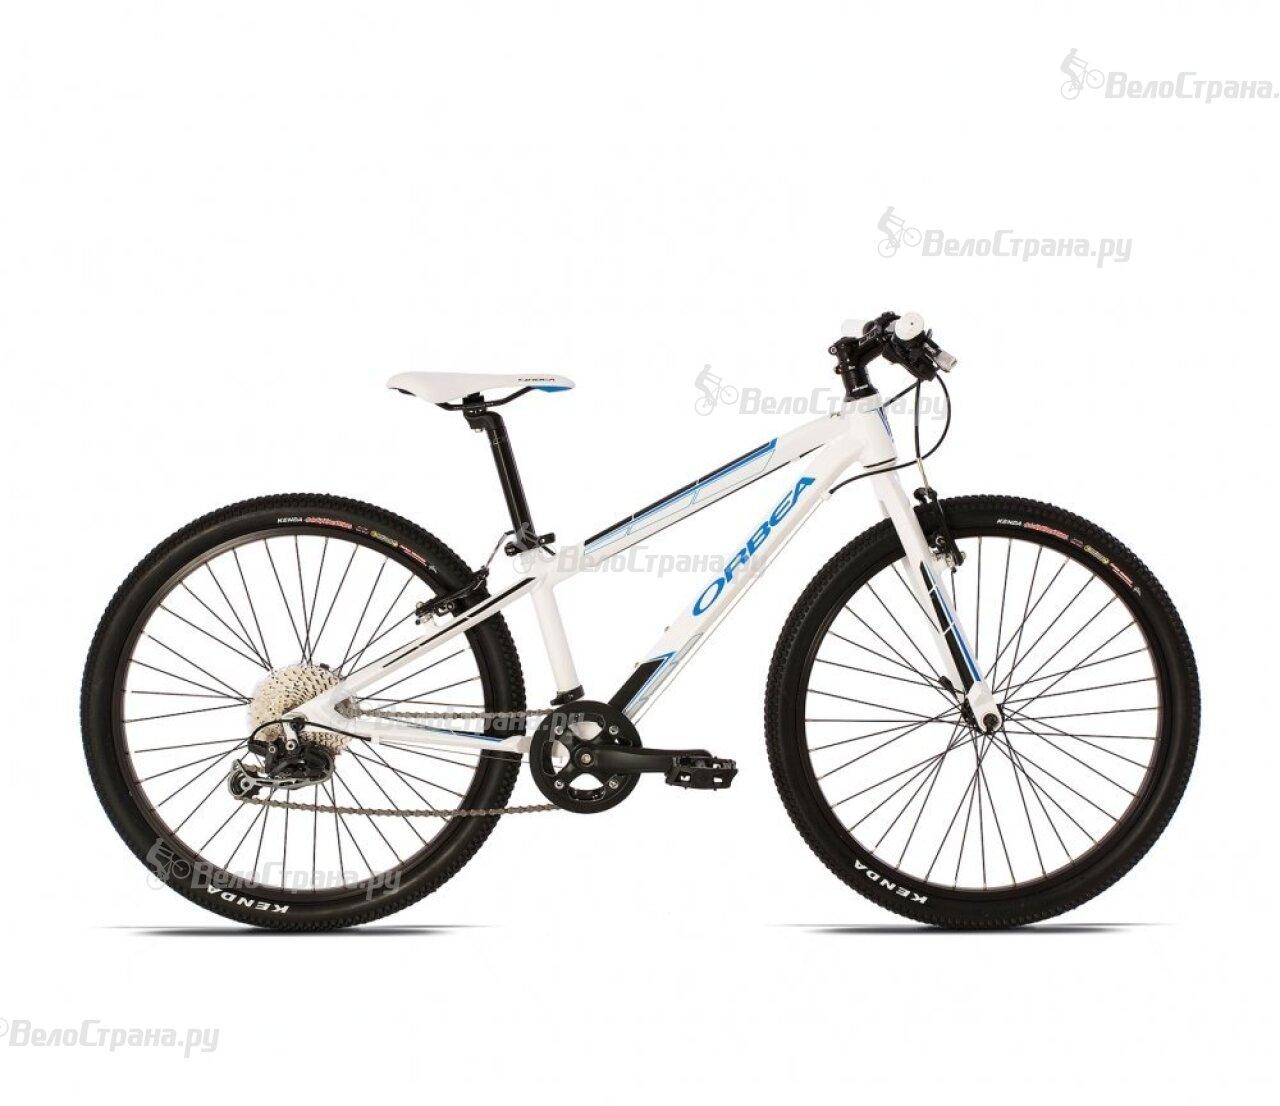 Велосипед Orbea Mx 24 Team (2014) велосипед orbea mx 24 xc 2014